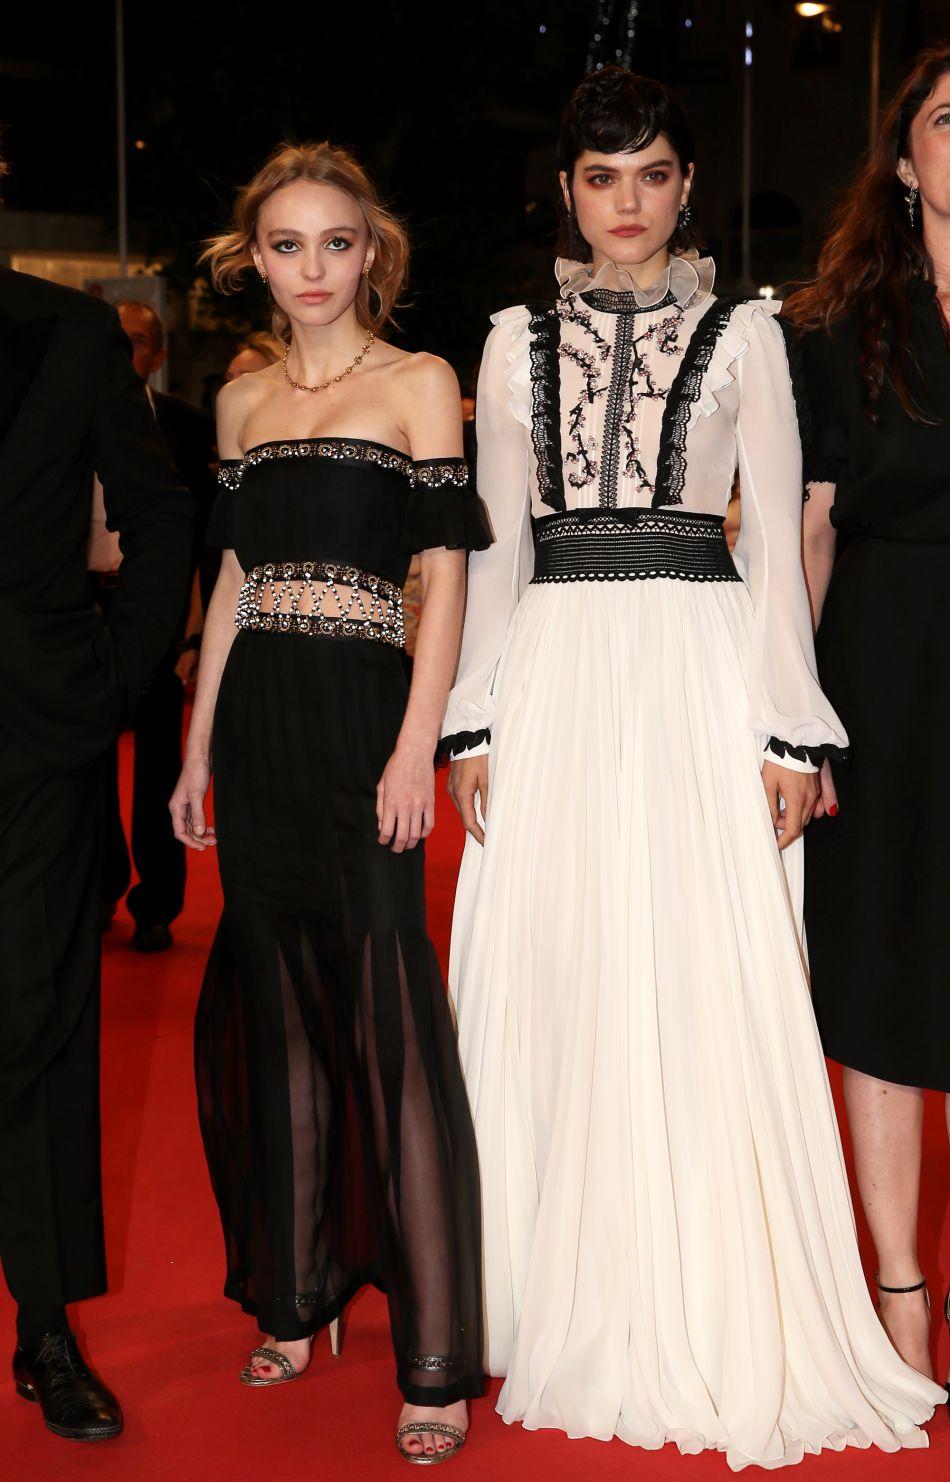 Lily-Rose Depp a déjà fait une apparition à Cannes. Elle marche dans les pas de ses illustres parents.